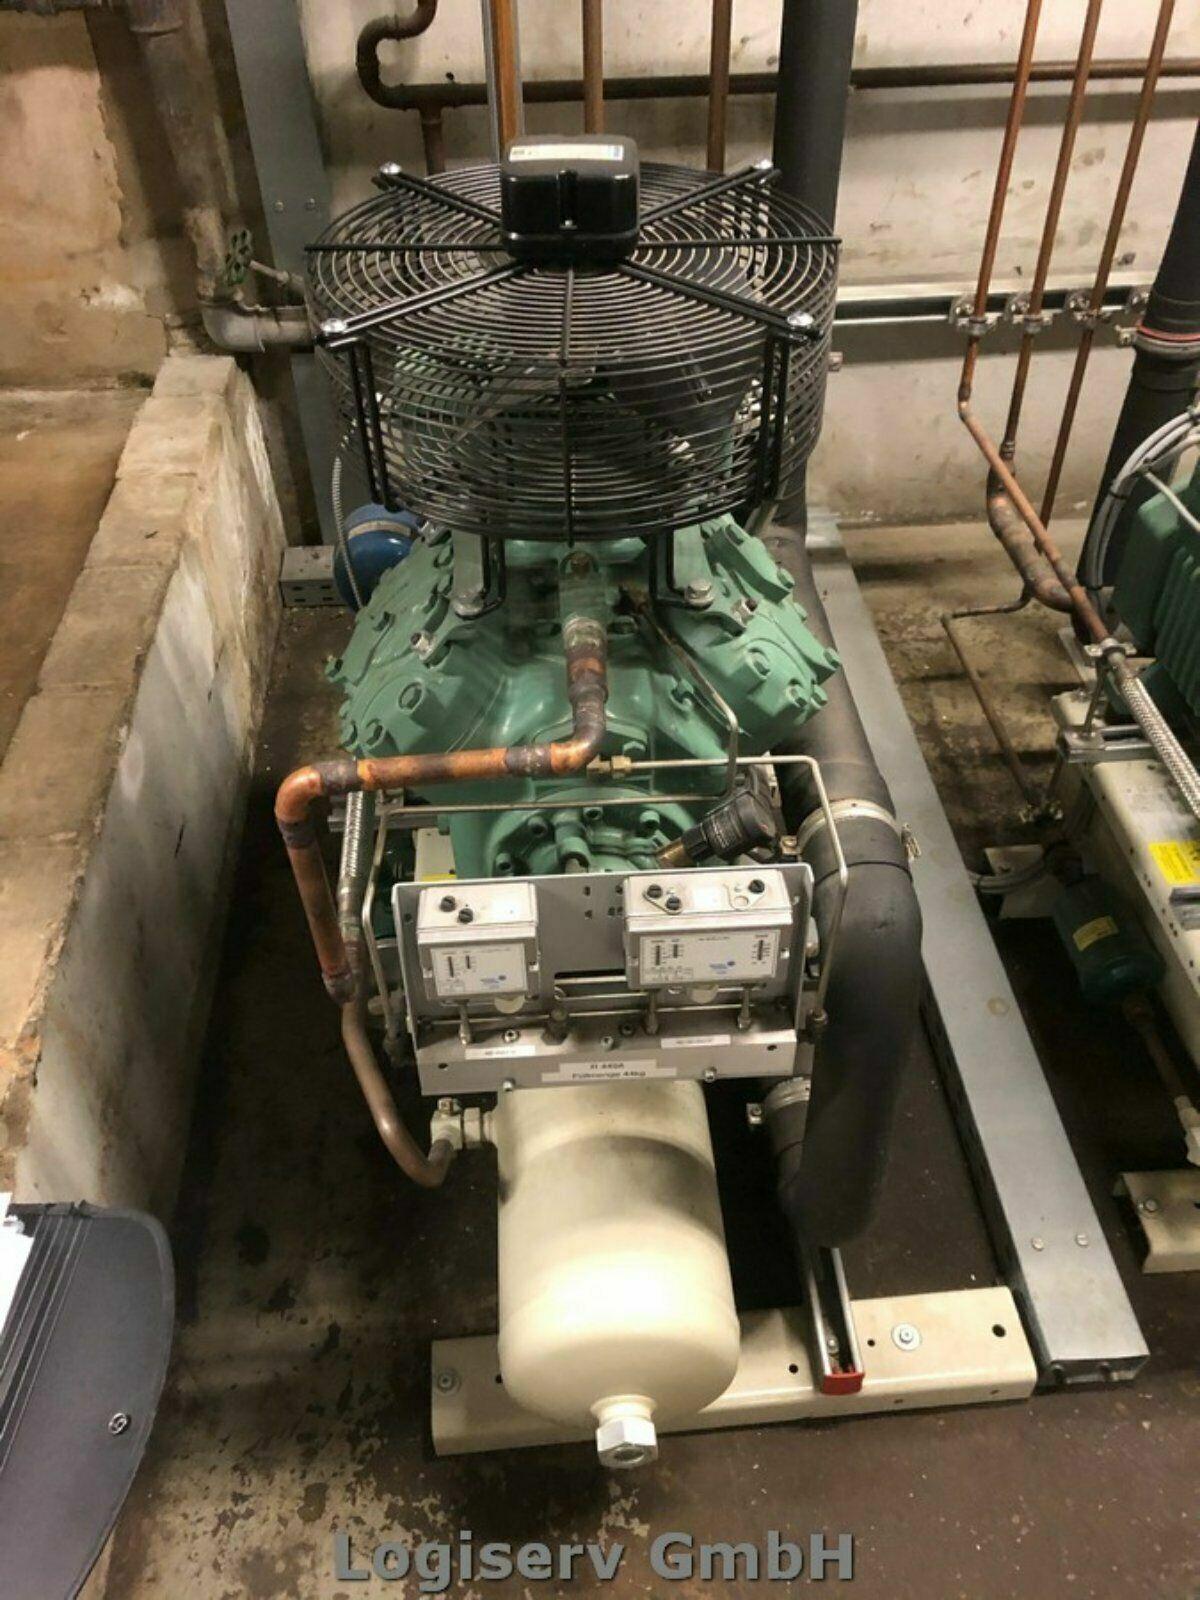 Bild 1 - Kaelteanlage-Kuehlanlage-Verdichter-luftgekuehlt-Axial-Verfluessiger